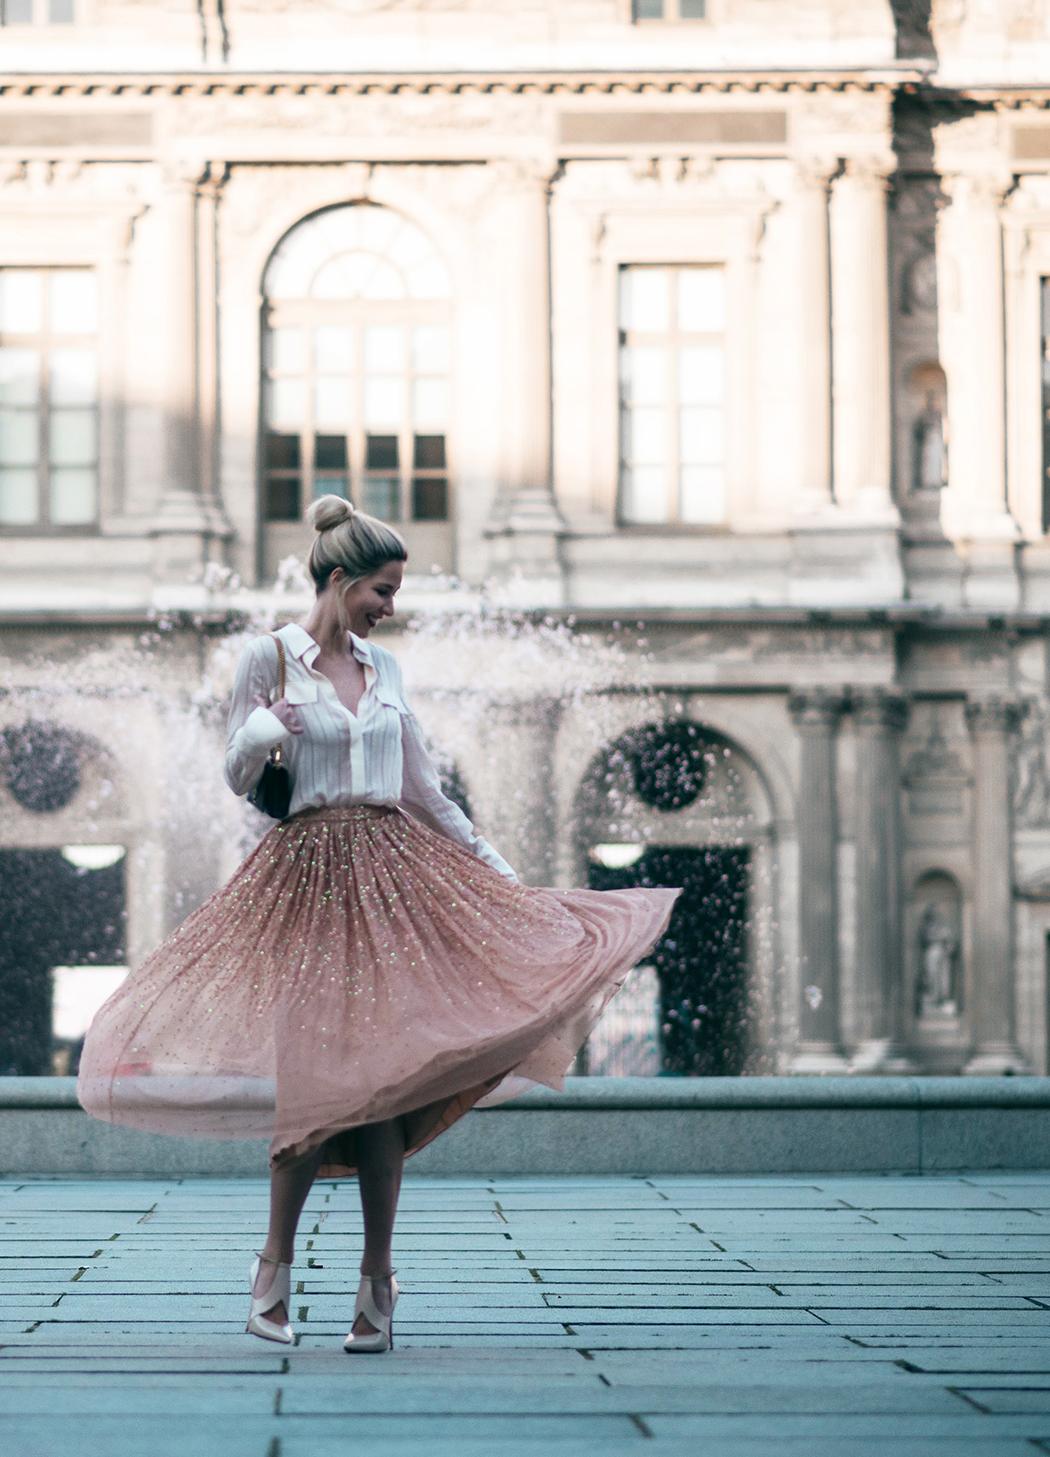 fashionblog-fashionblogger-fashion-blog-blogger-muenchen-munich-paris-paillettenrock-lindarella_01